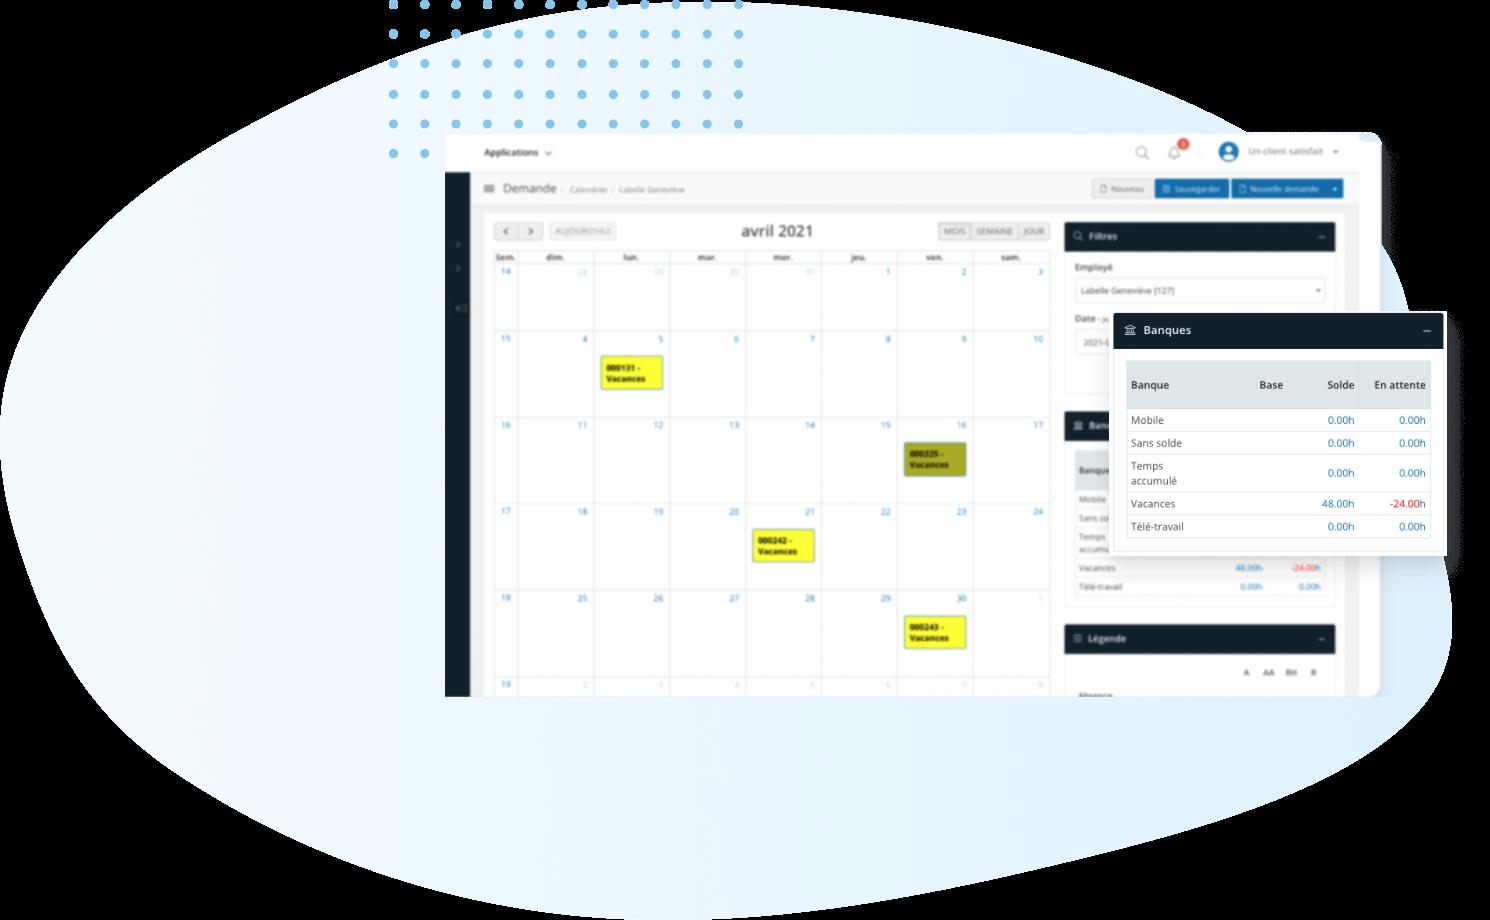 Gestion des présences au travail - calendrier-WEB2